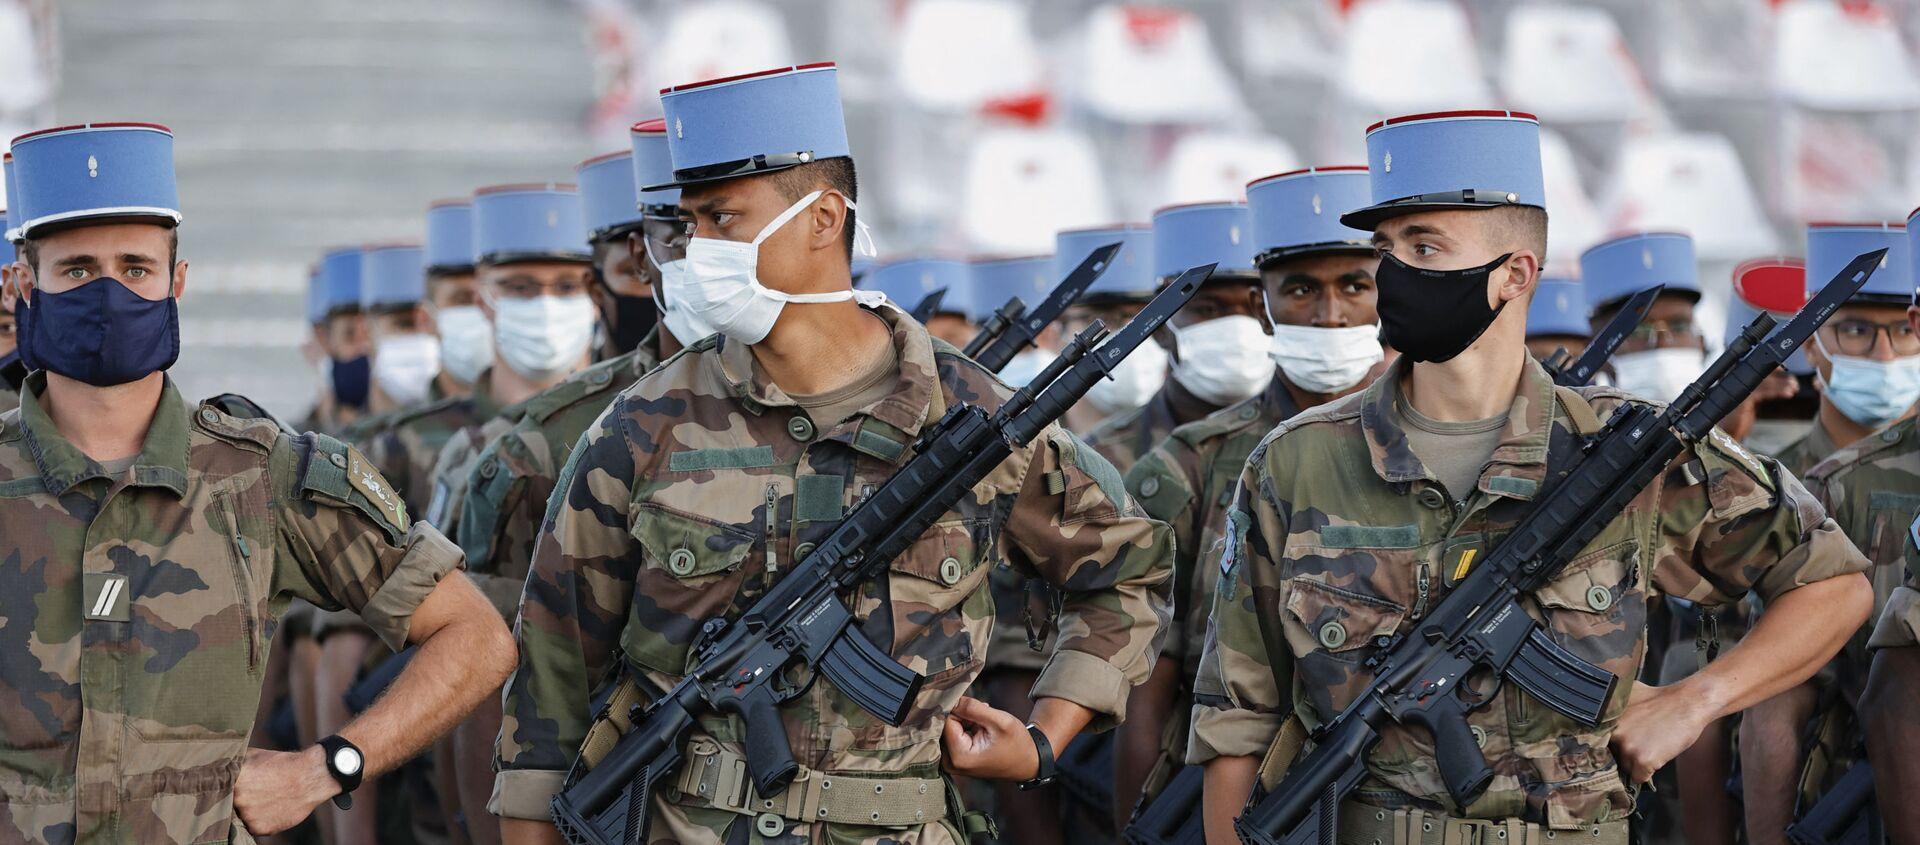 Des soldats du 2e régiment de dragons qui ont été mobilisés dans la lutte contre l'épidémie, le 14 juillet 2020 - Sputnik France, 1920, 21.03.2021